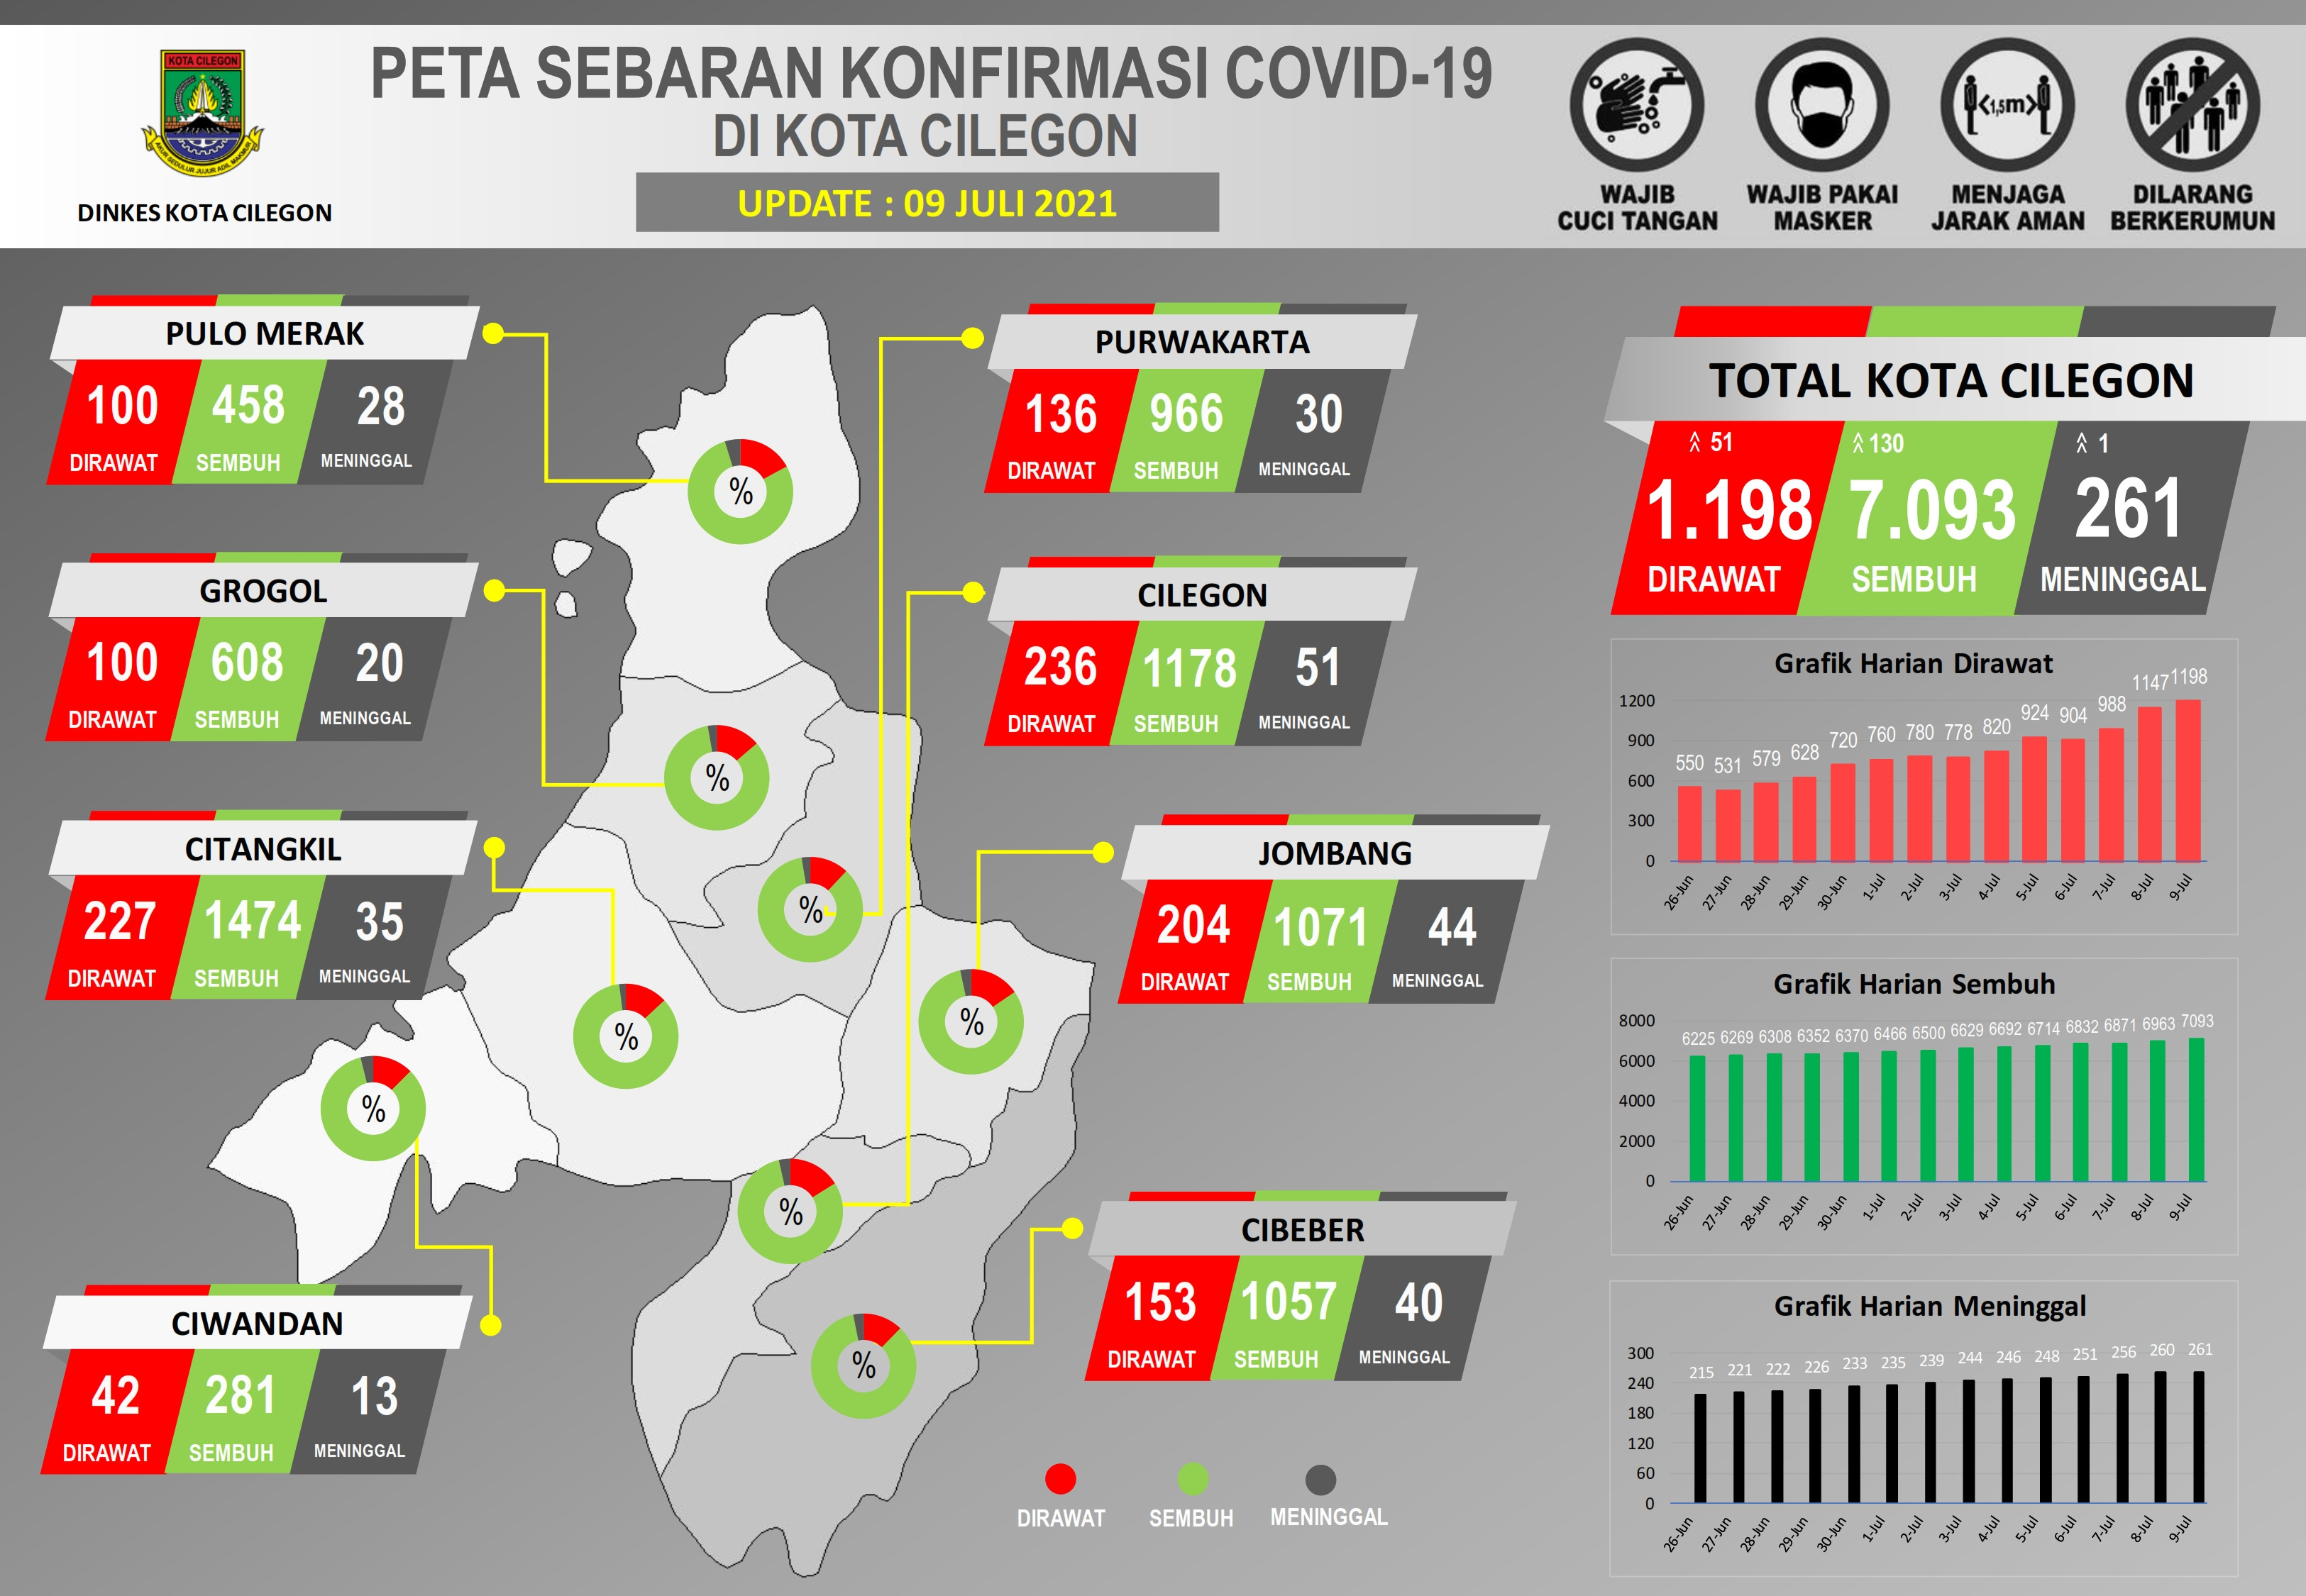 UPDATE-09-07-2021-PETA-SEBARAN-COVID-19